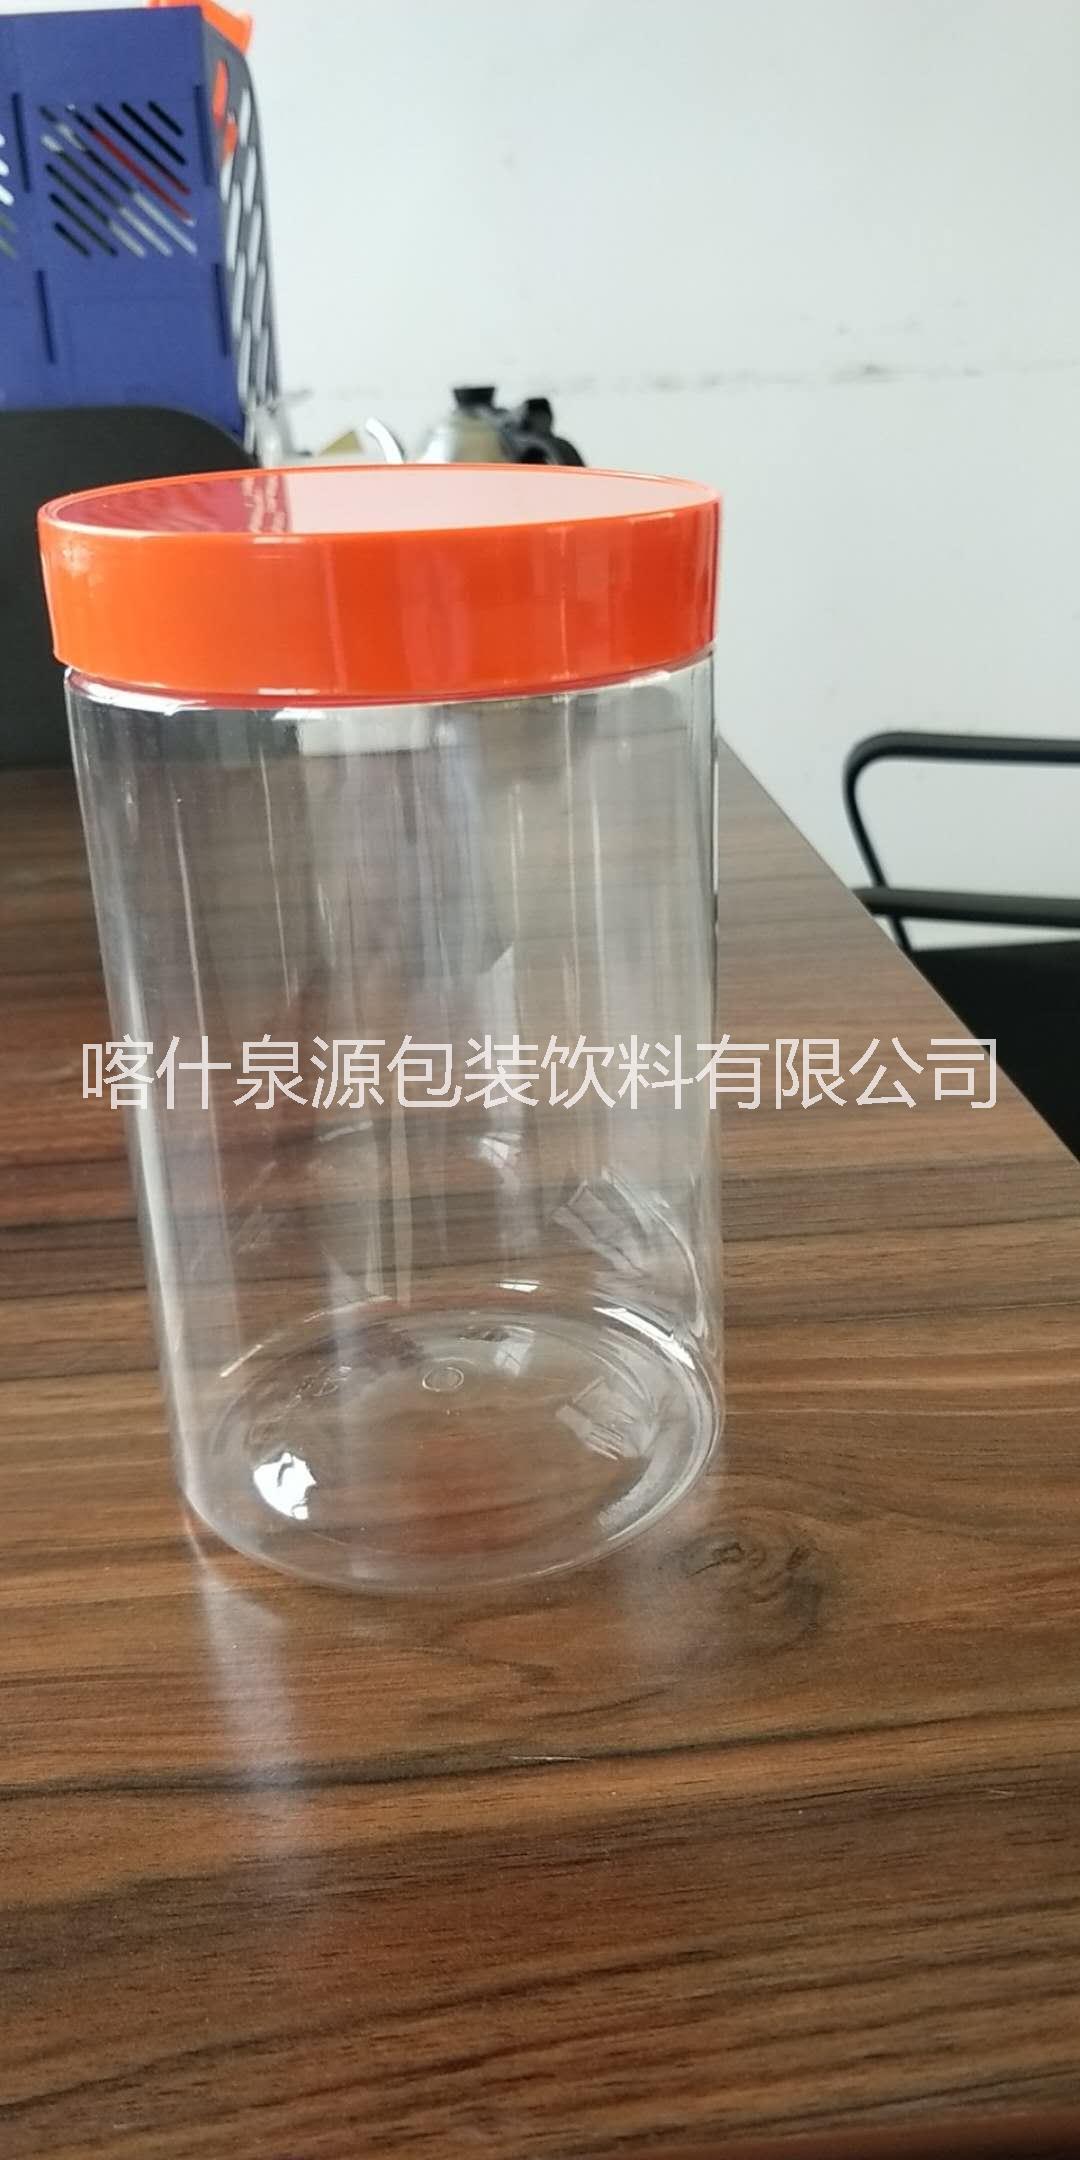 新疆螺旋塑料瓶厂家    喀什螺旋塑料瓶价格    螺旋塑料瓶供应商    螺旋塑料瓶